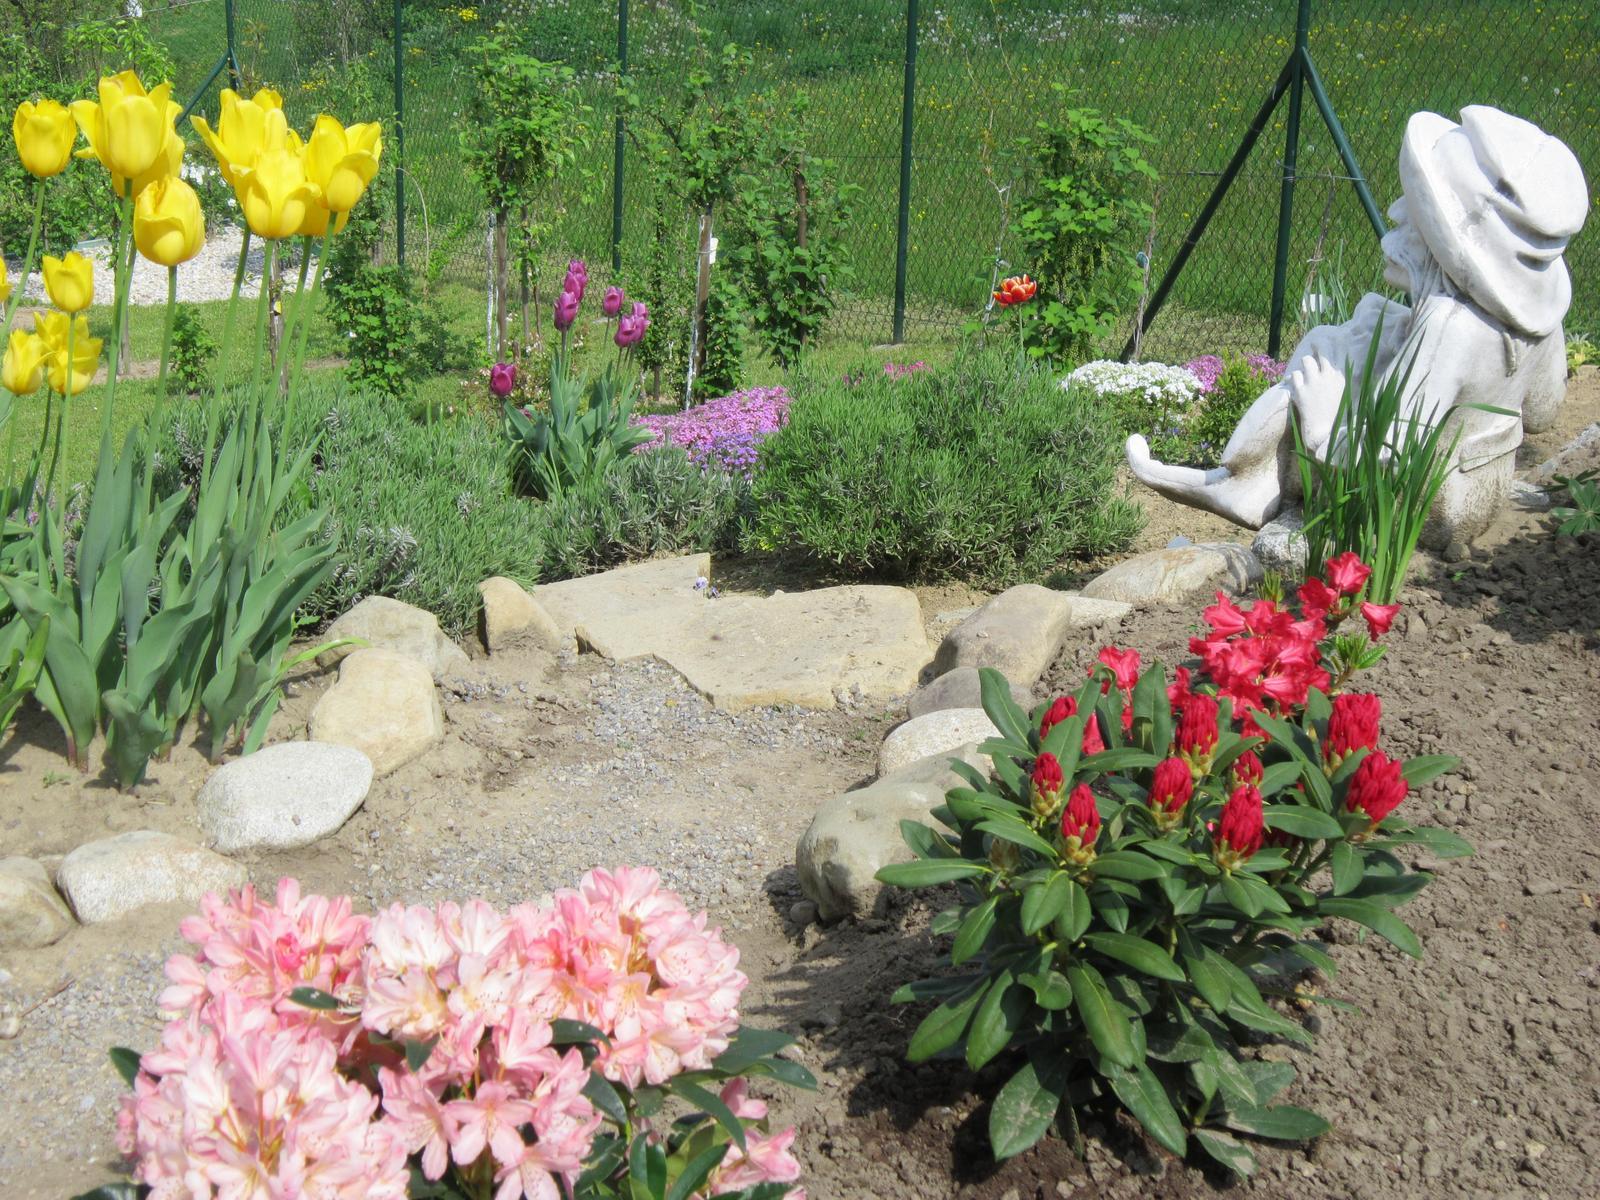 Moja záhrada...ako šiel čas - Vodníkovi už nie je smutno,kvitnú mu rododendrony...